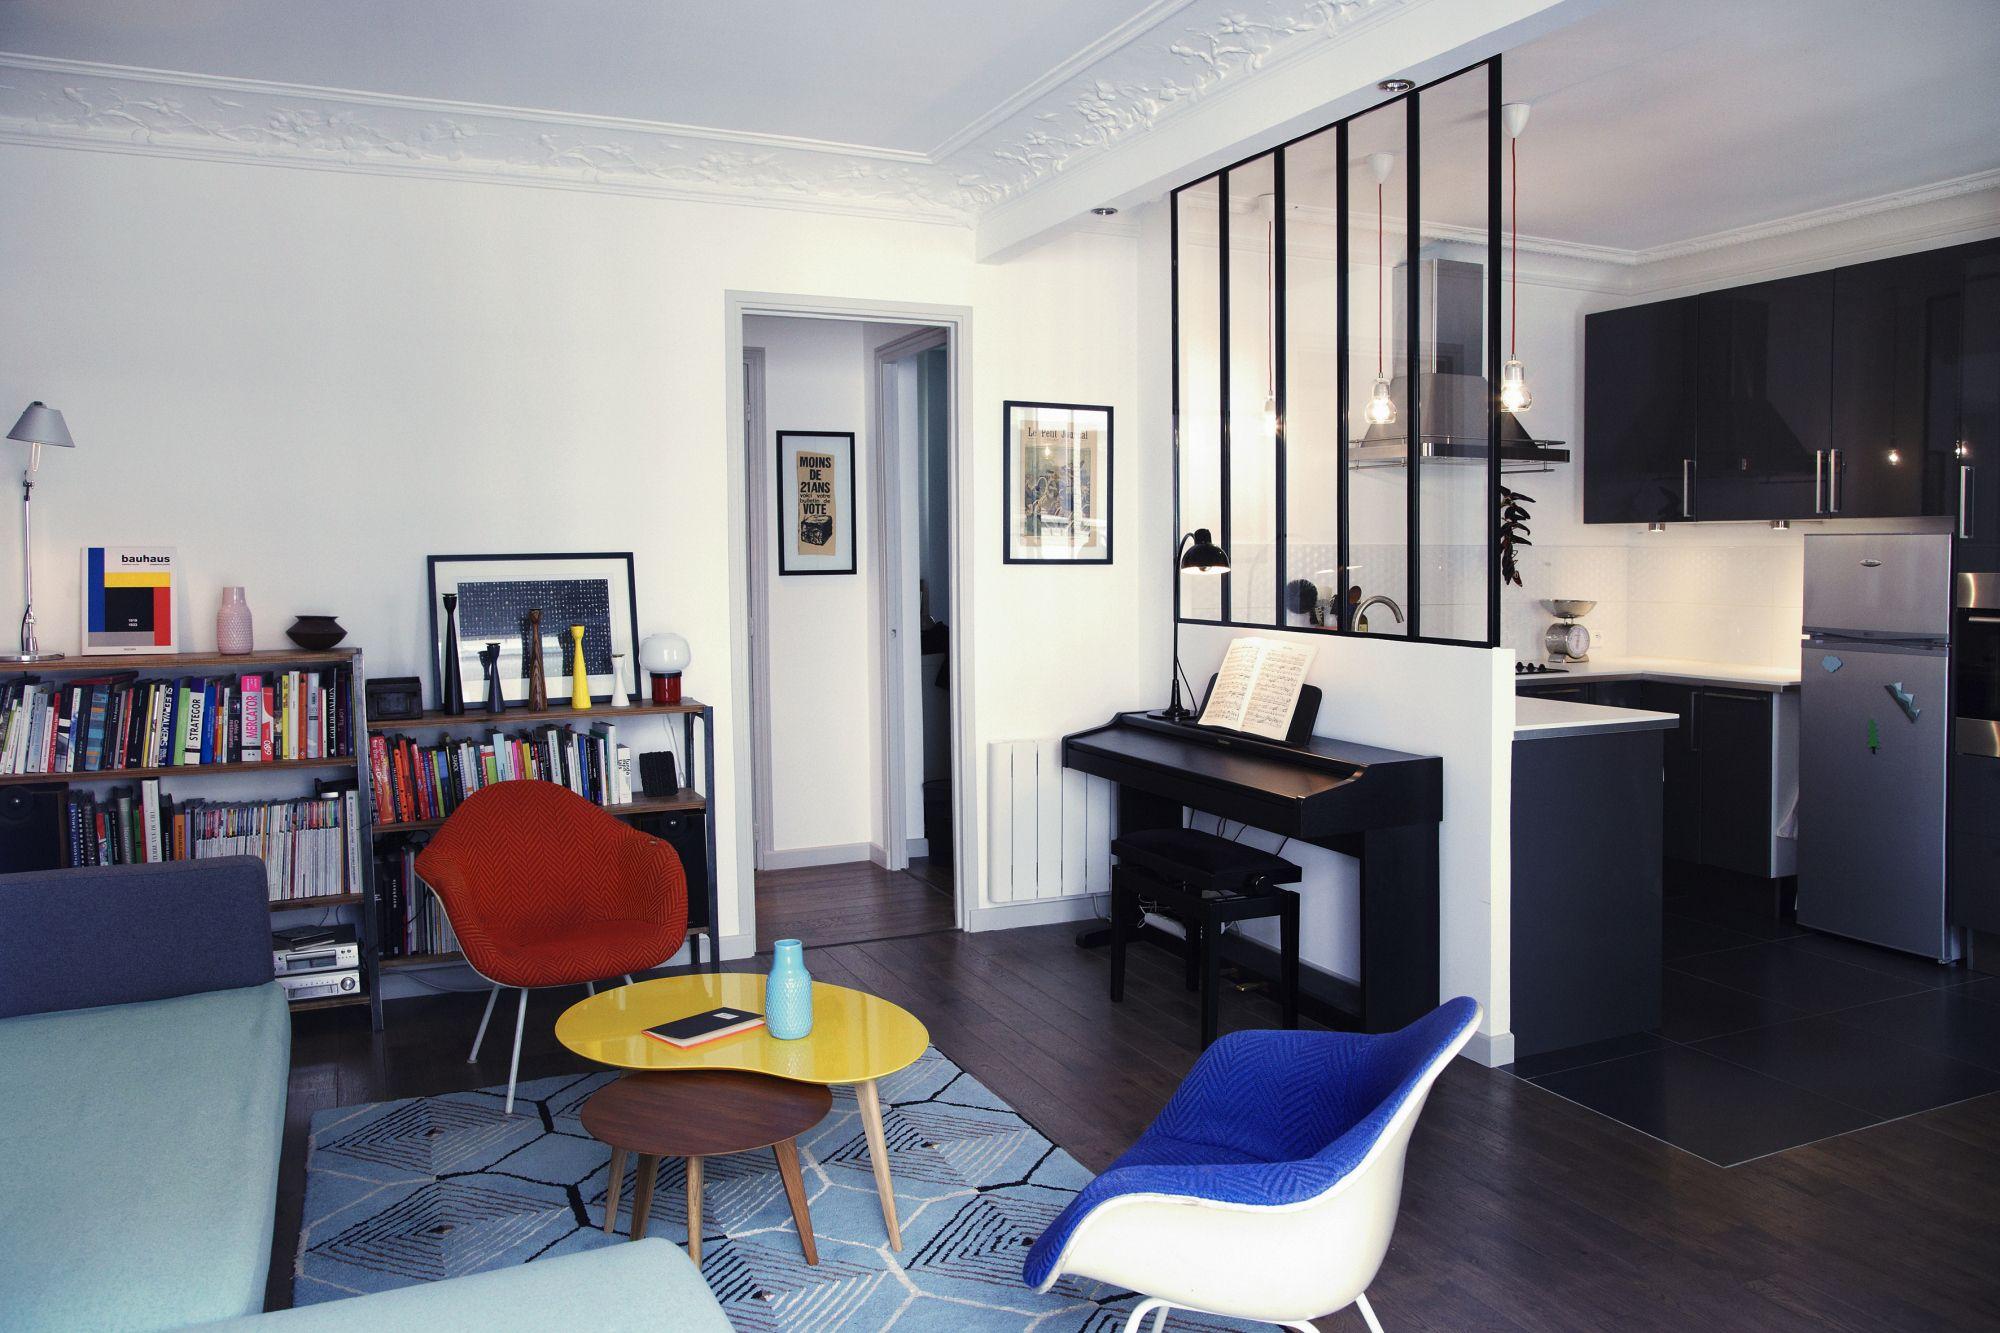 une cuisine ouverte avec buanderie intgre cuisine kitchen pinterest cuisine ouverte ouvert et. Black Bedroom Furniture Sets. Home Design Ideas